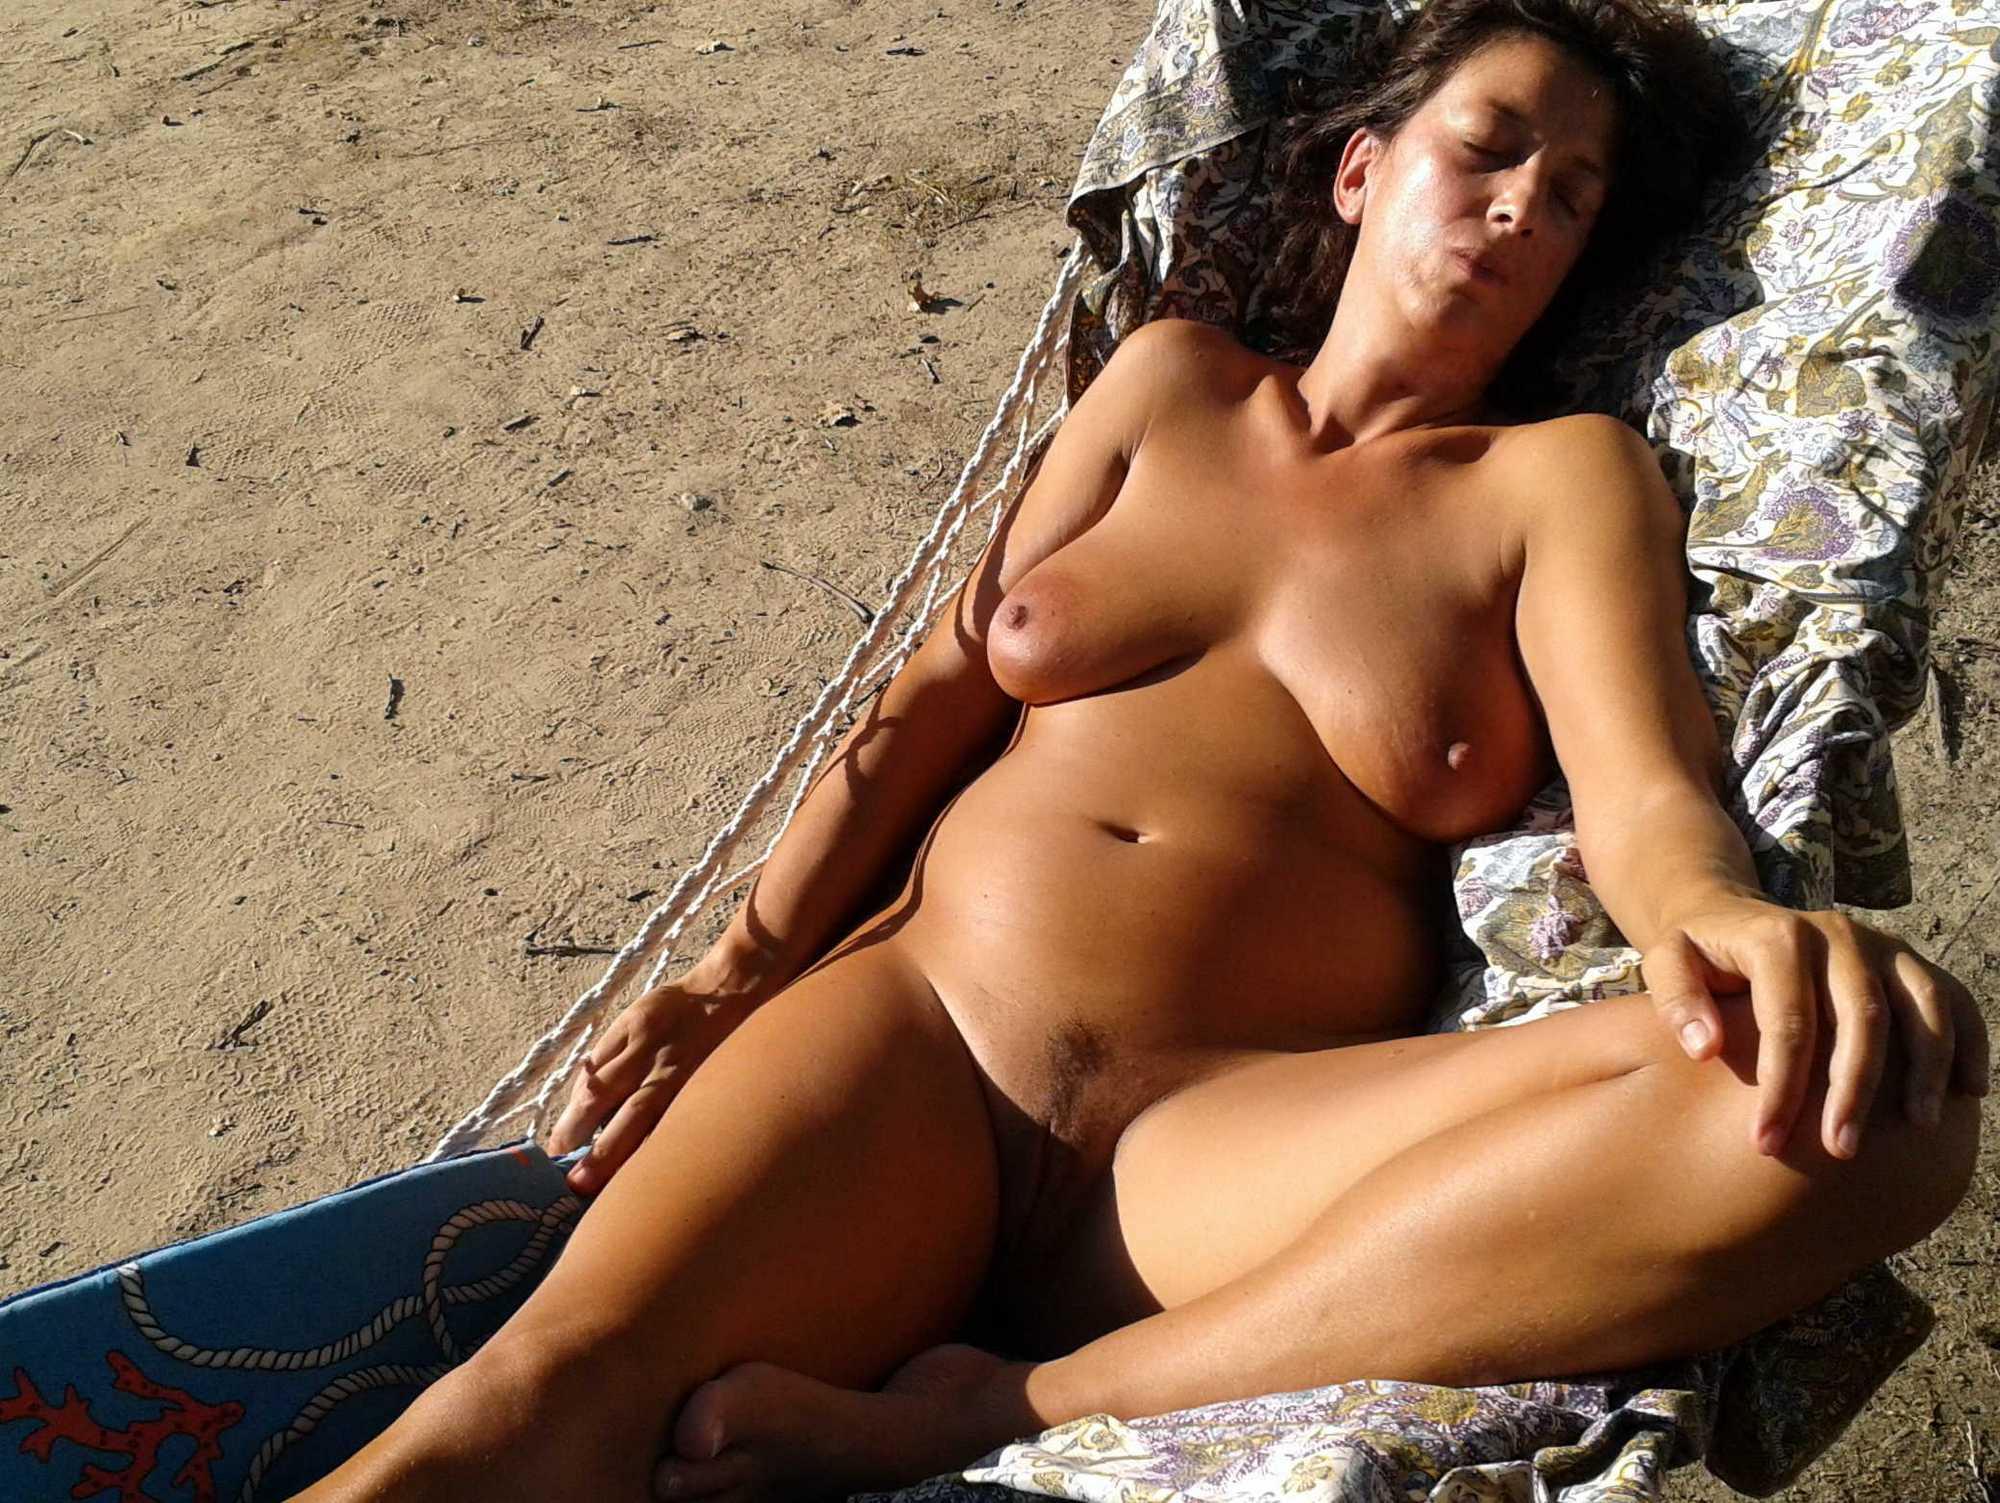 Голая милфа лежит на надувном матрасе под солнцем